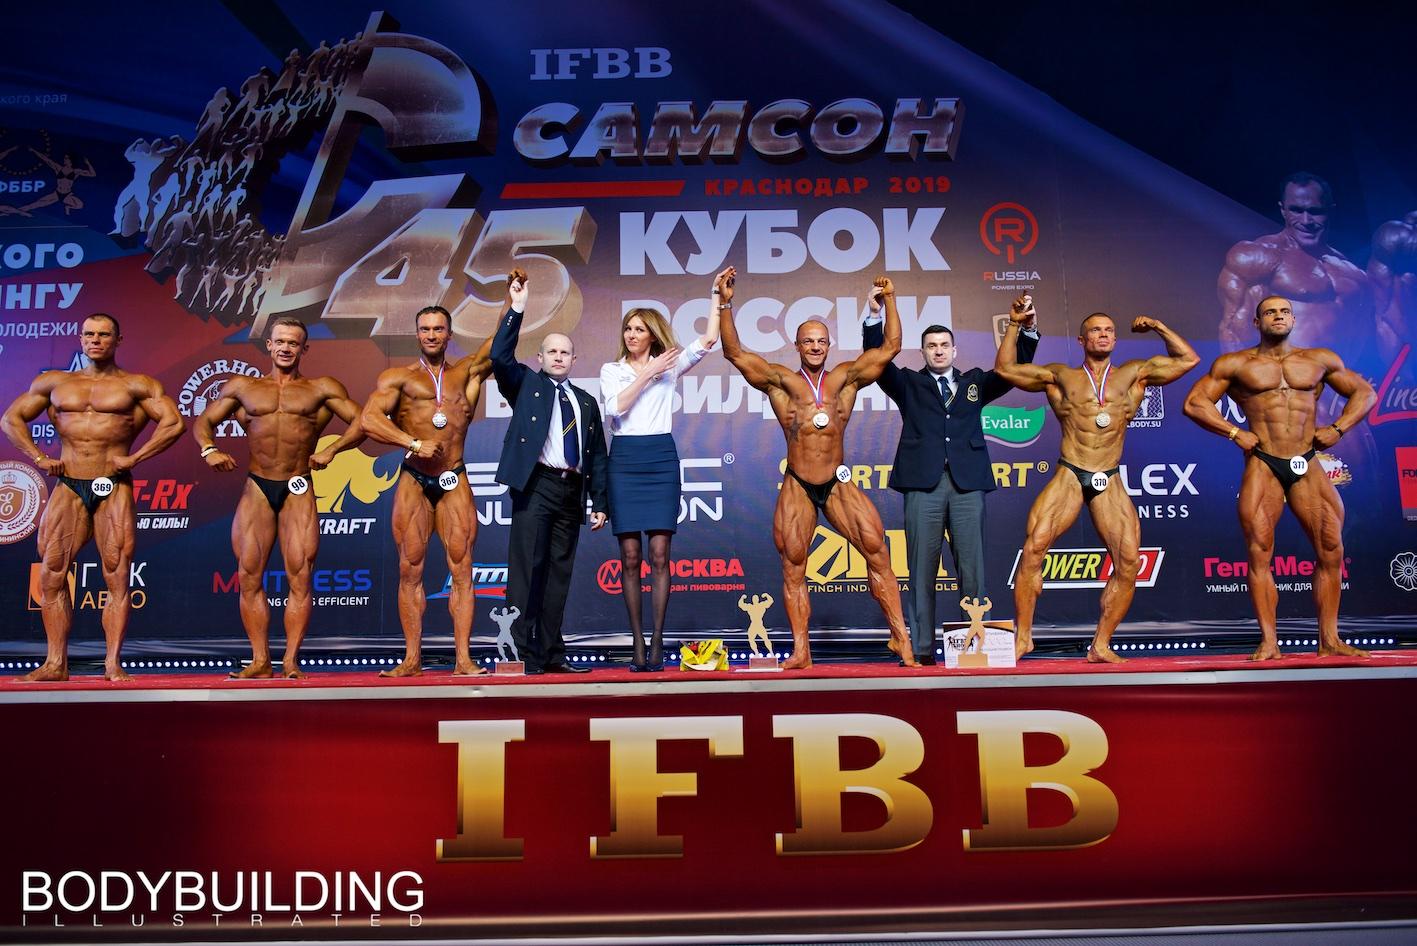 Результаты второго дня Кубка России по бодибилдингу 2019